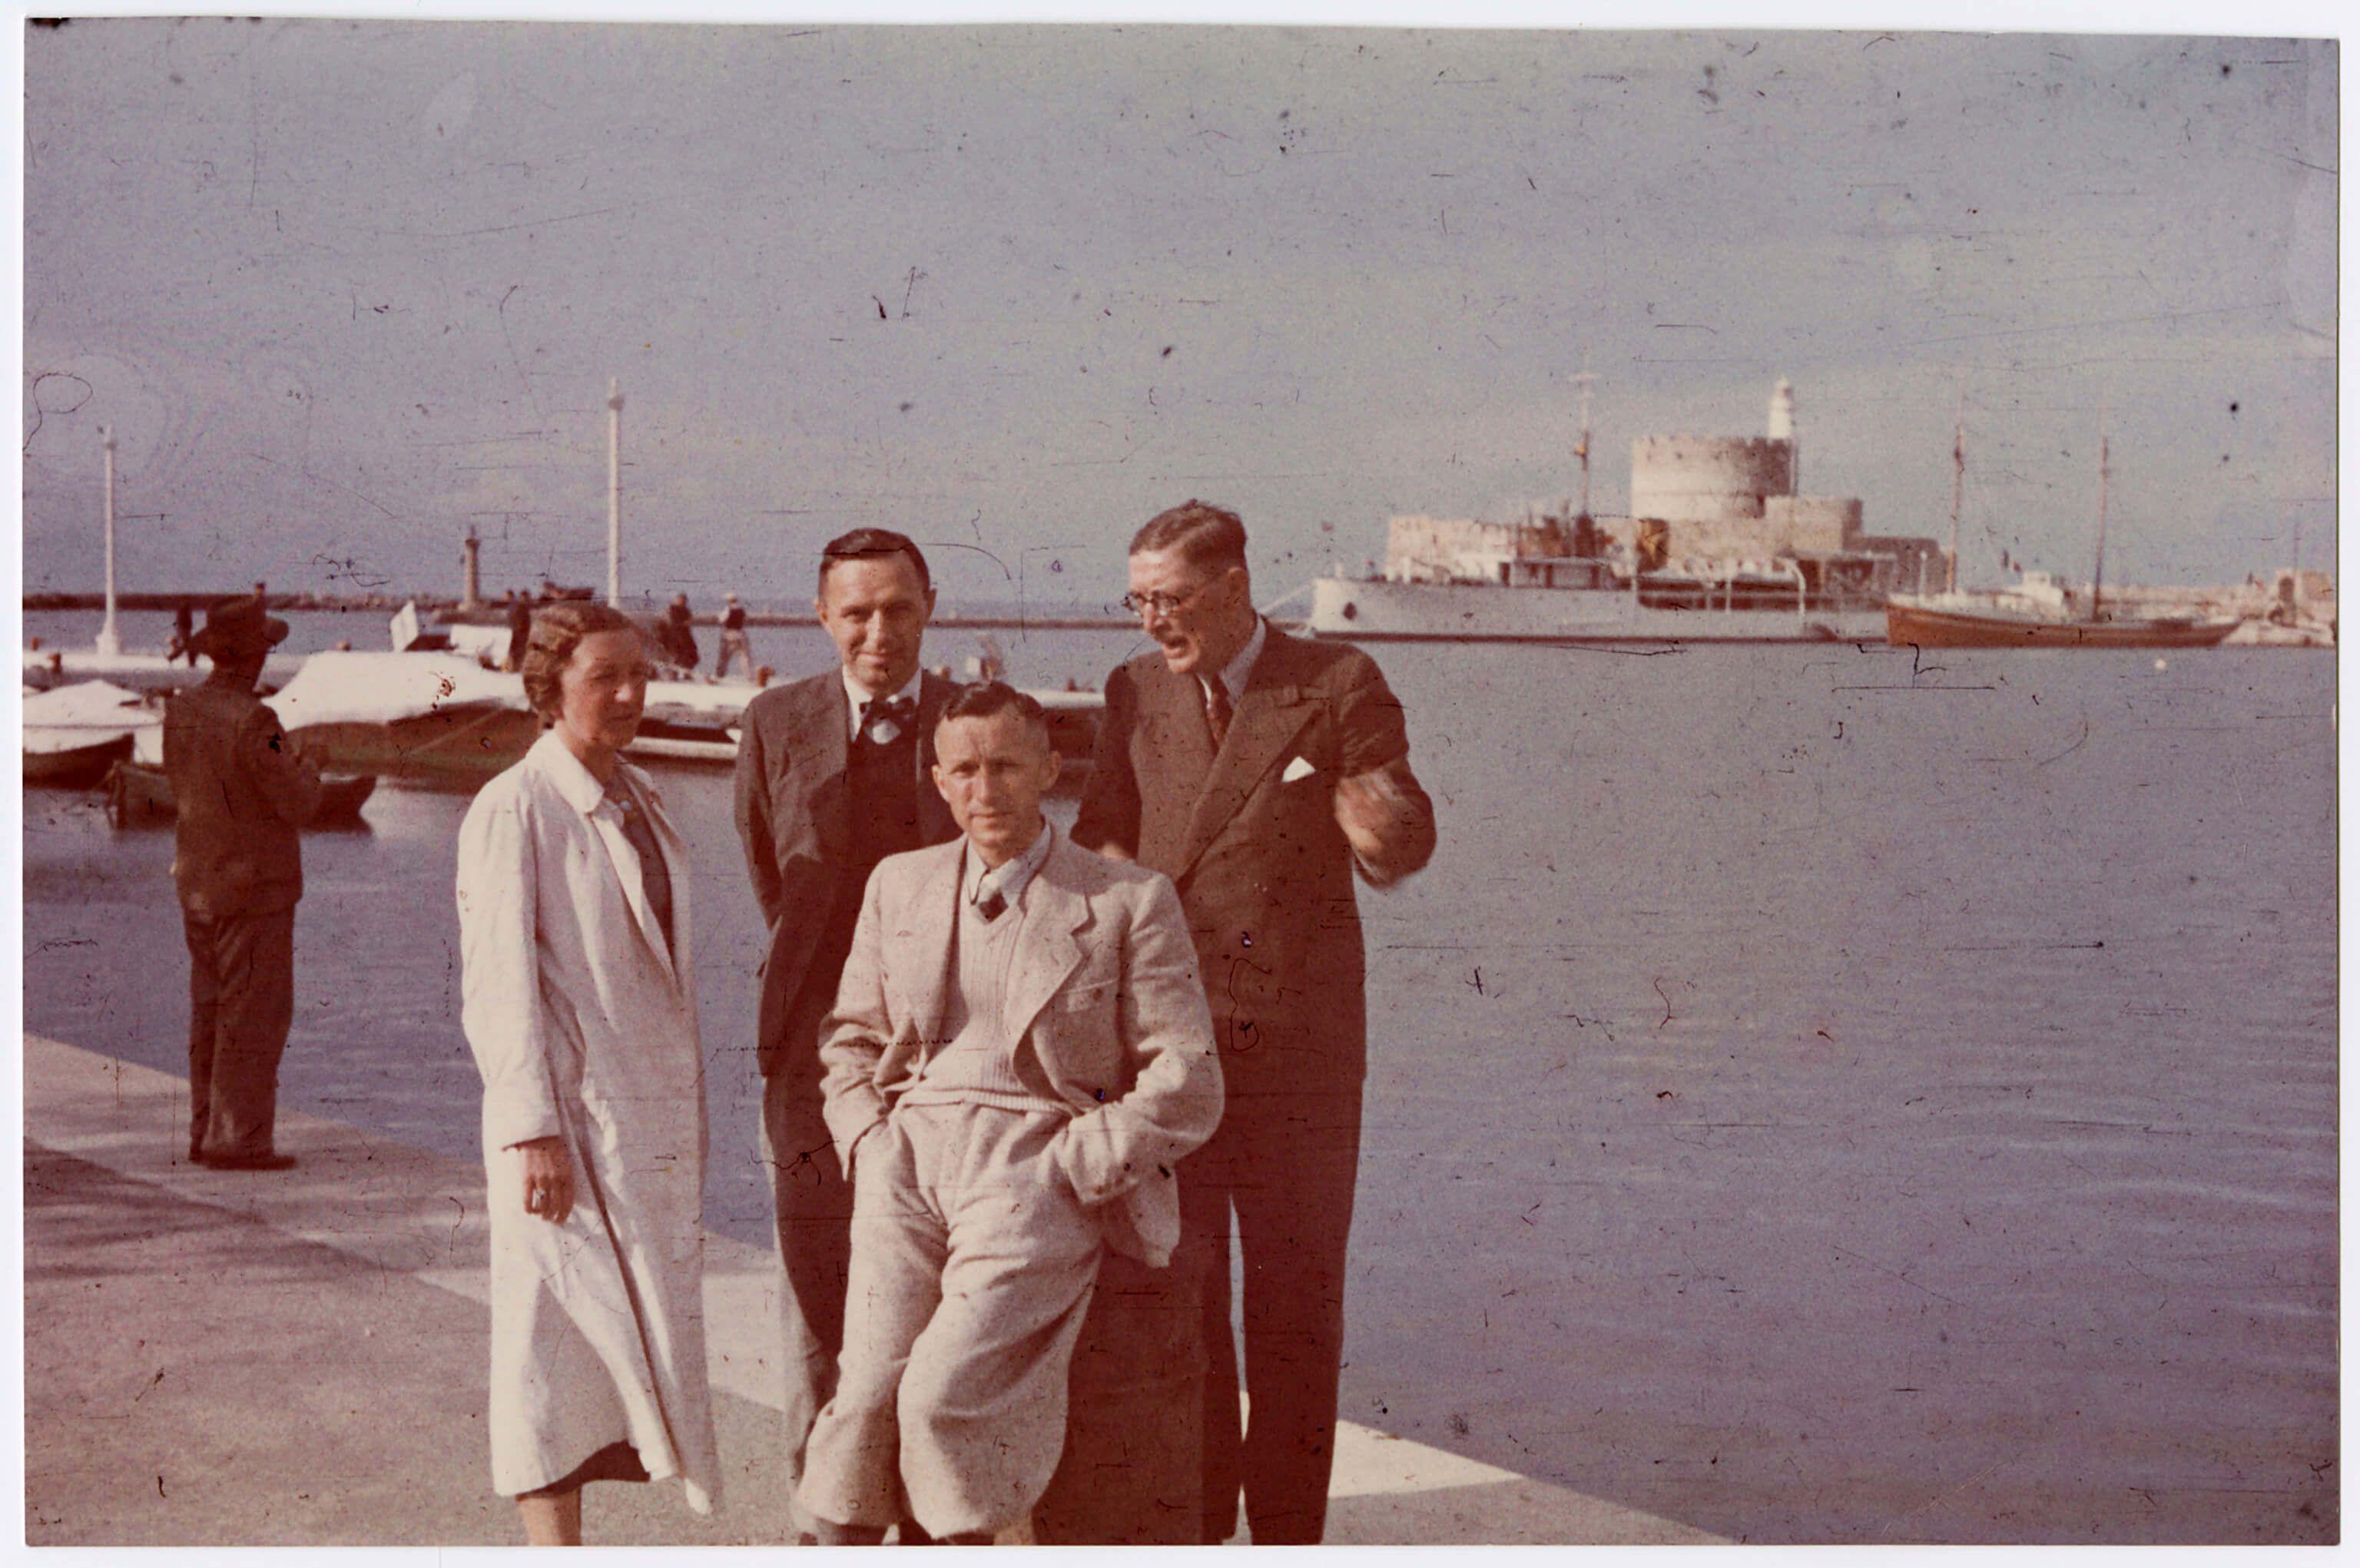 Эрнст Юнгер (вцентре) вовремя своей первой поездки наРодос в1938году сосвоим братом Фридрихом Георгом. Источник: DLA Marbach